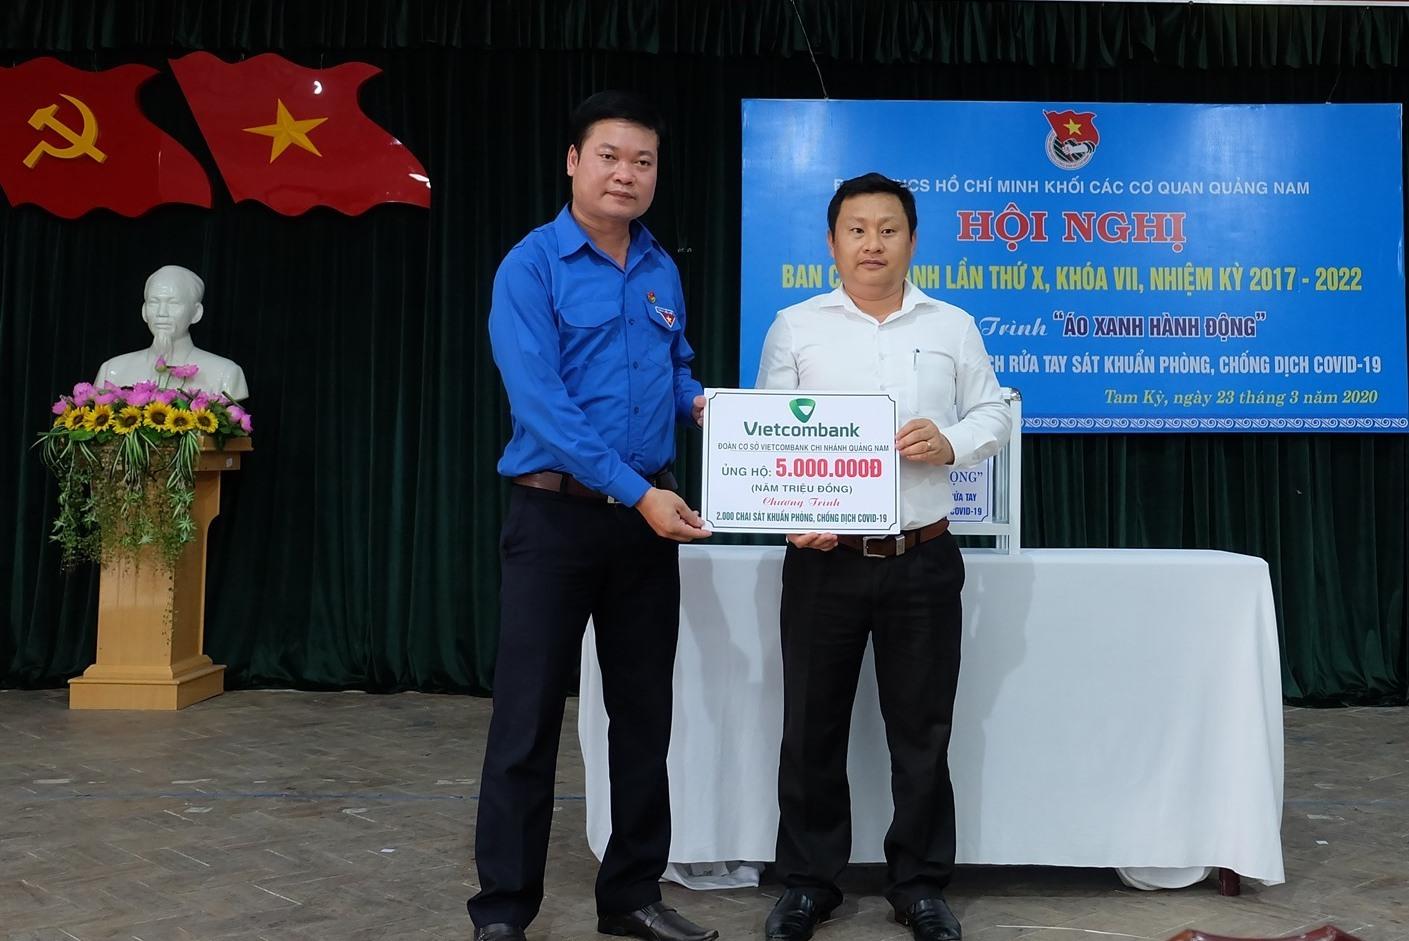 Đoàn cơ sở Ngân hàng Vietcombank Chi nhánh Quảng Nam ủng hộ 5 triệu đồng để sản xuất 2.000 chai nước sát khuẩn tặng cho người dân. Ảnh: M.L